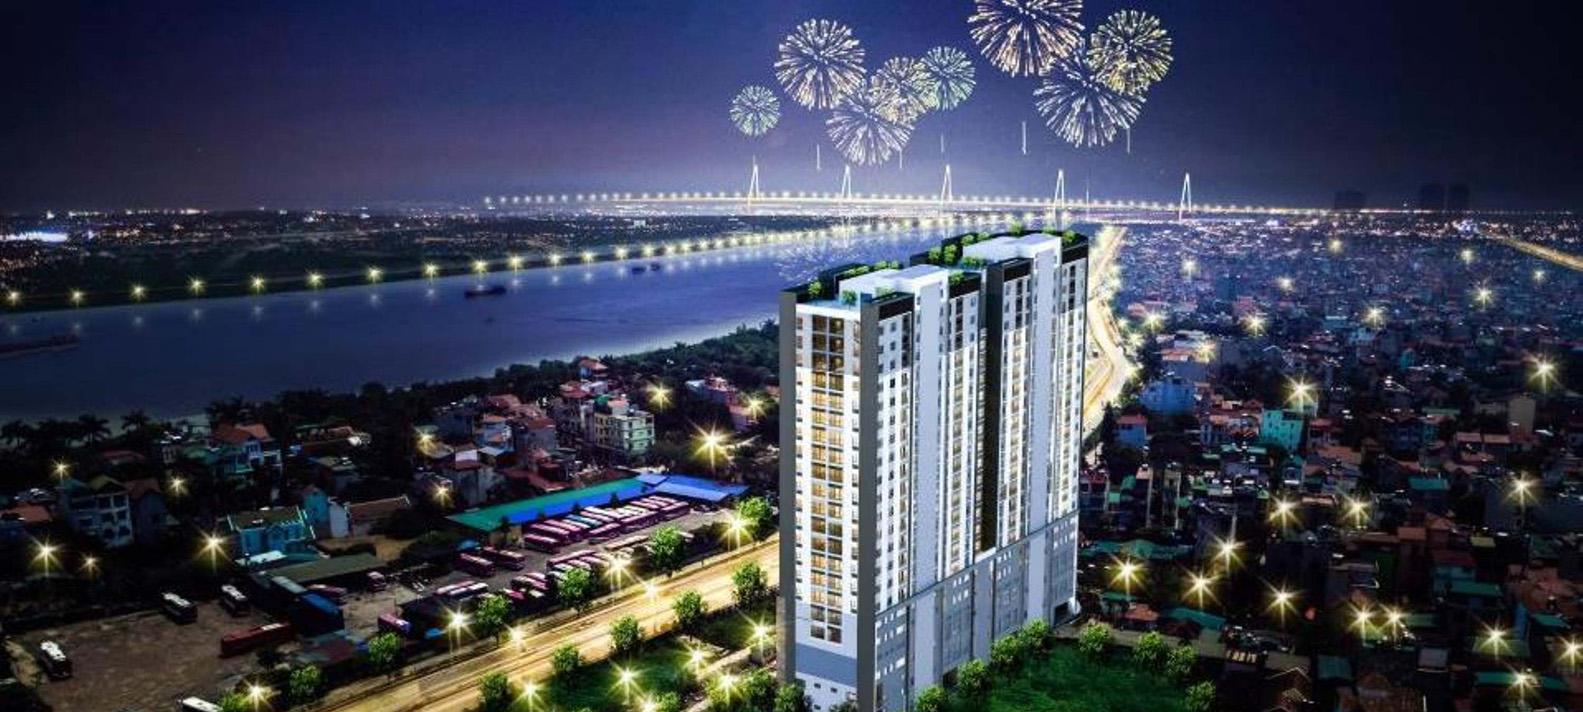 Chung cư Tây Hồ Riverview